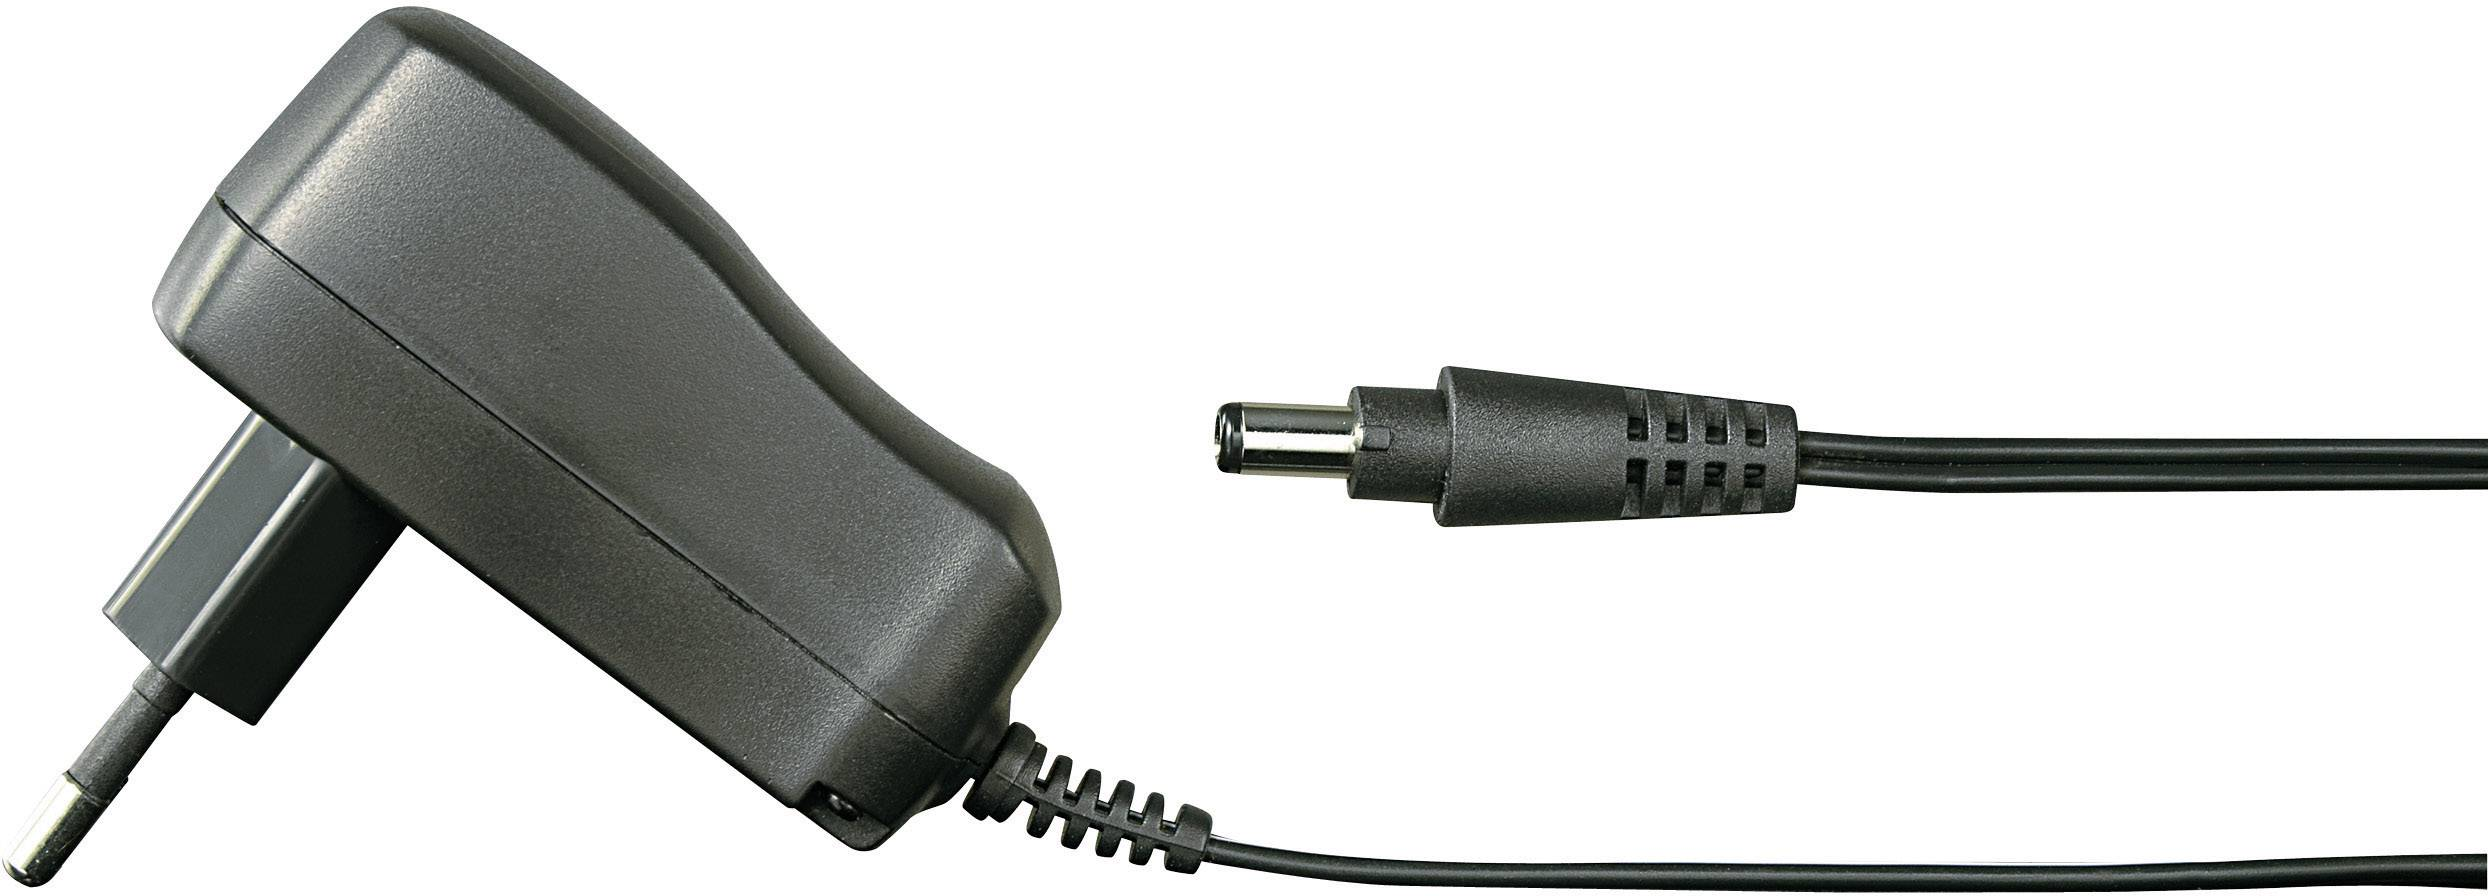 Zásuvkový adaptér so stálym napätím VOLTCRAFT FPPS 9-6W, 6 W, 660 mA, 1,8 m